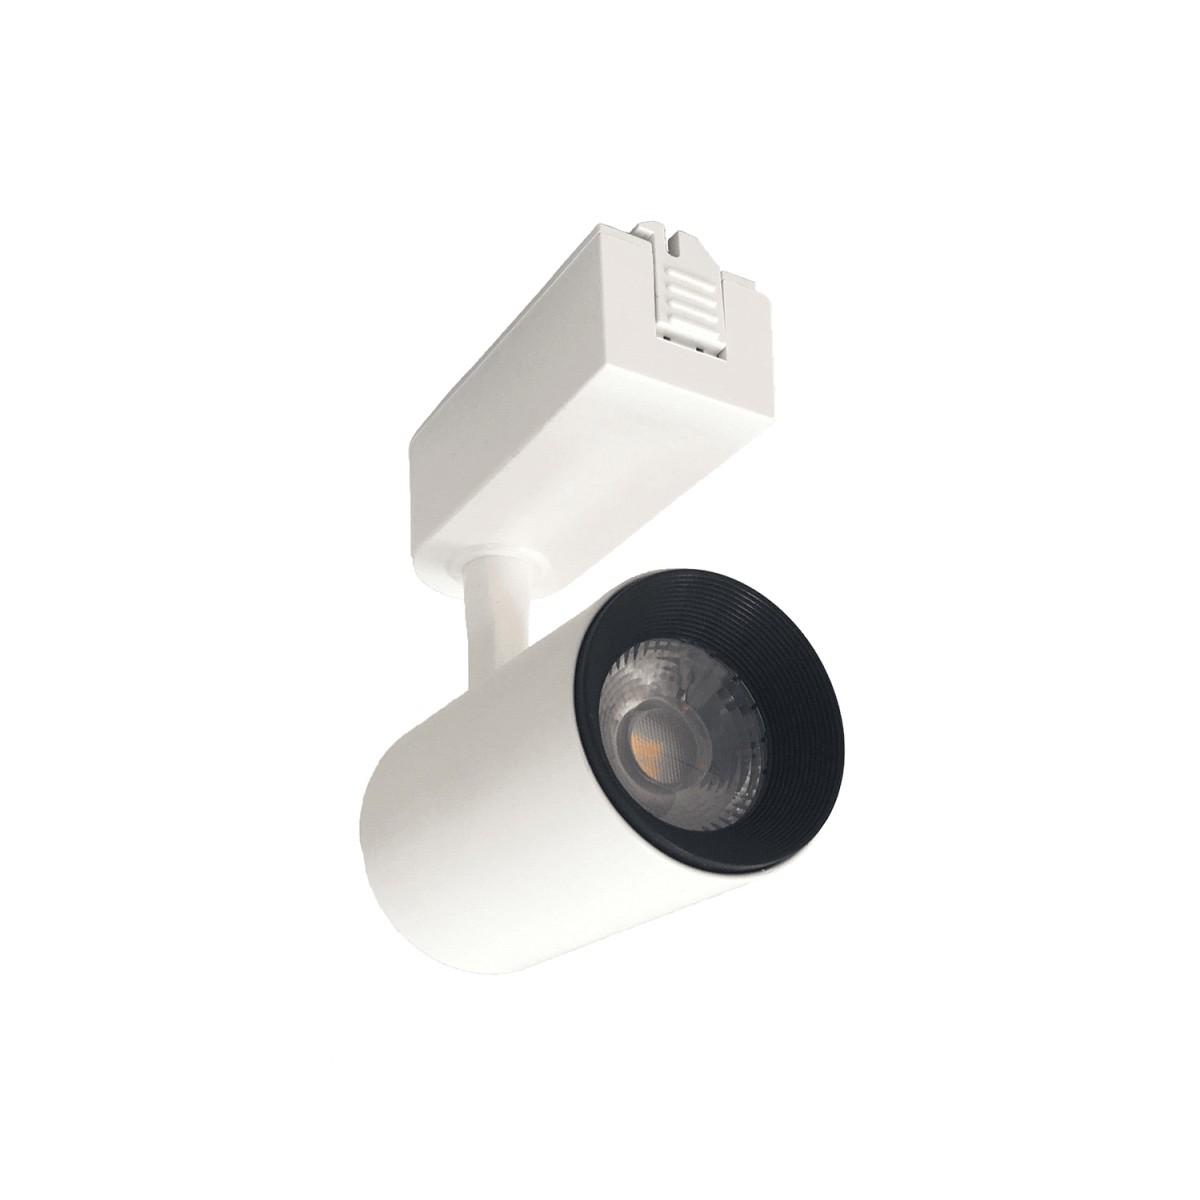 Spot de LED 7W Para Trilho Eletrificado Bivolt